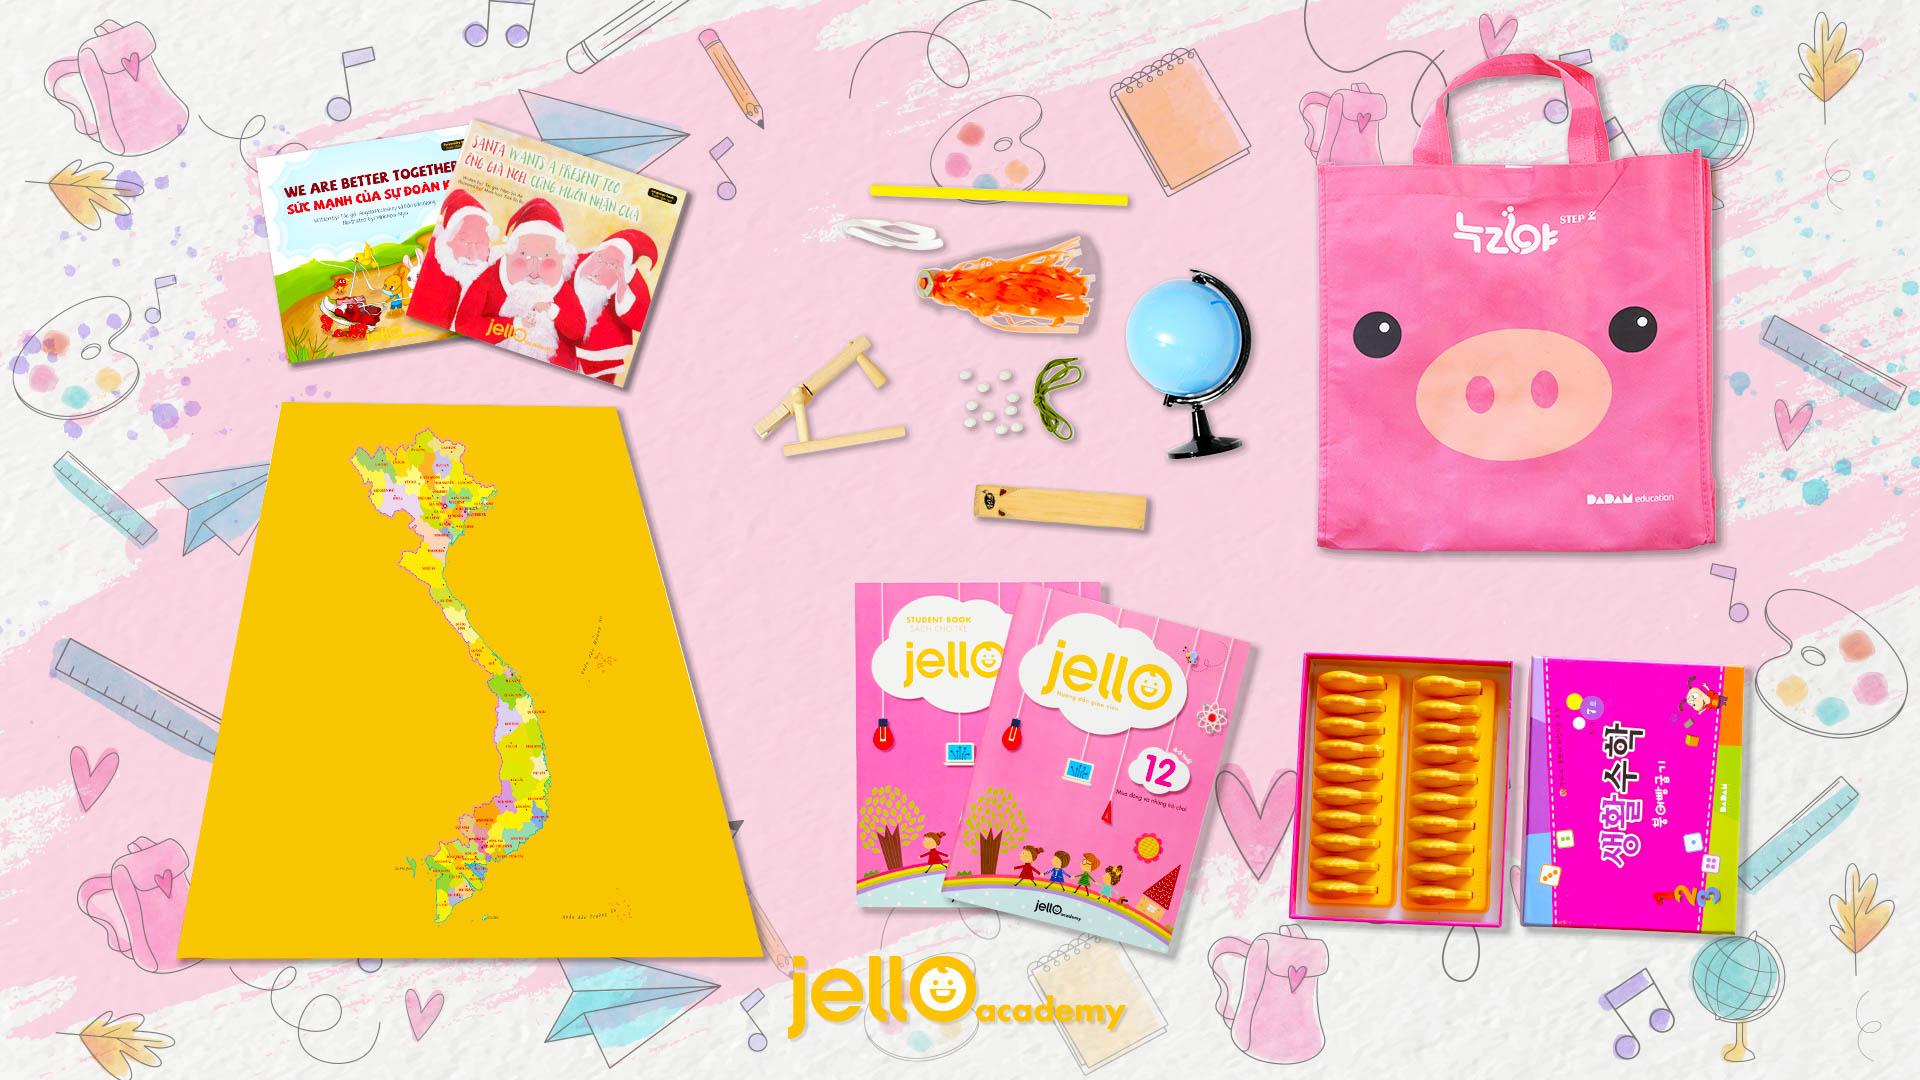 Bộ học cụ Jello - 4 Tuổi - Tháng 12